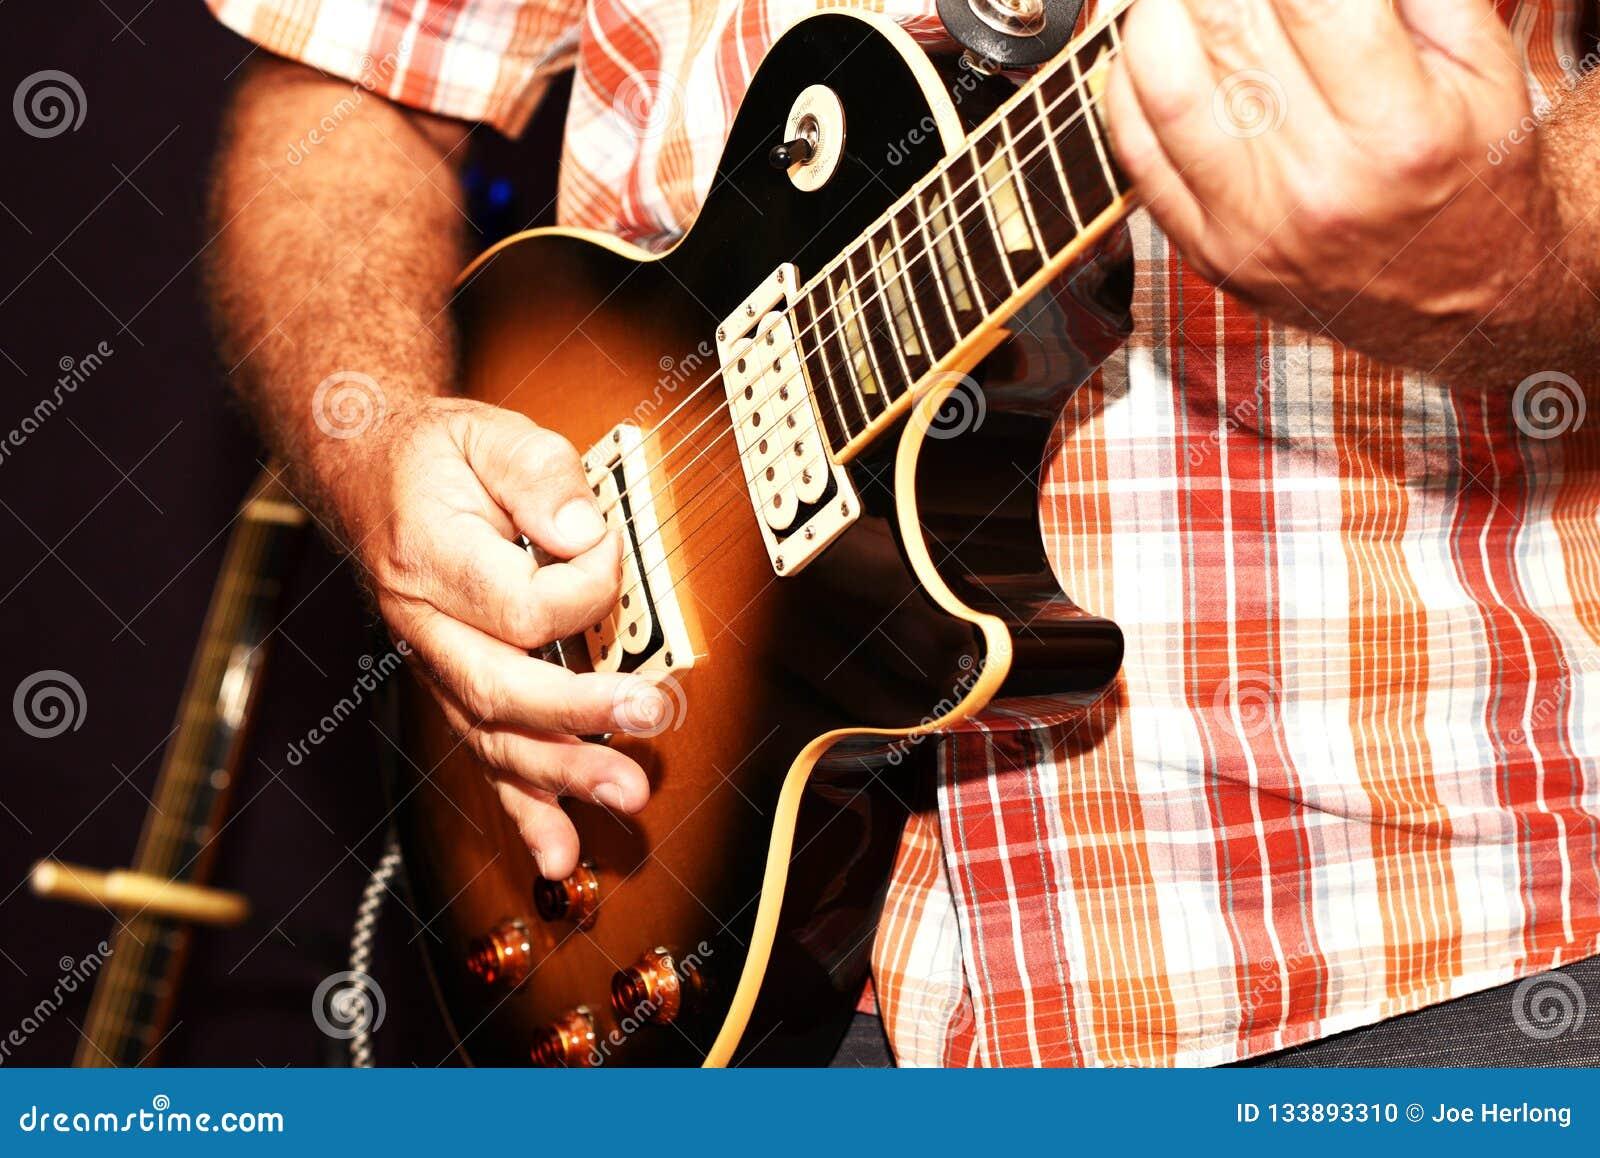 Eine Nahaufnahme eines Mannes, der eine E-Gitarre spielt